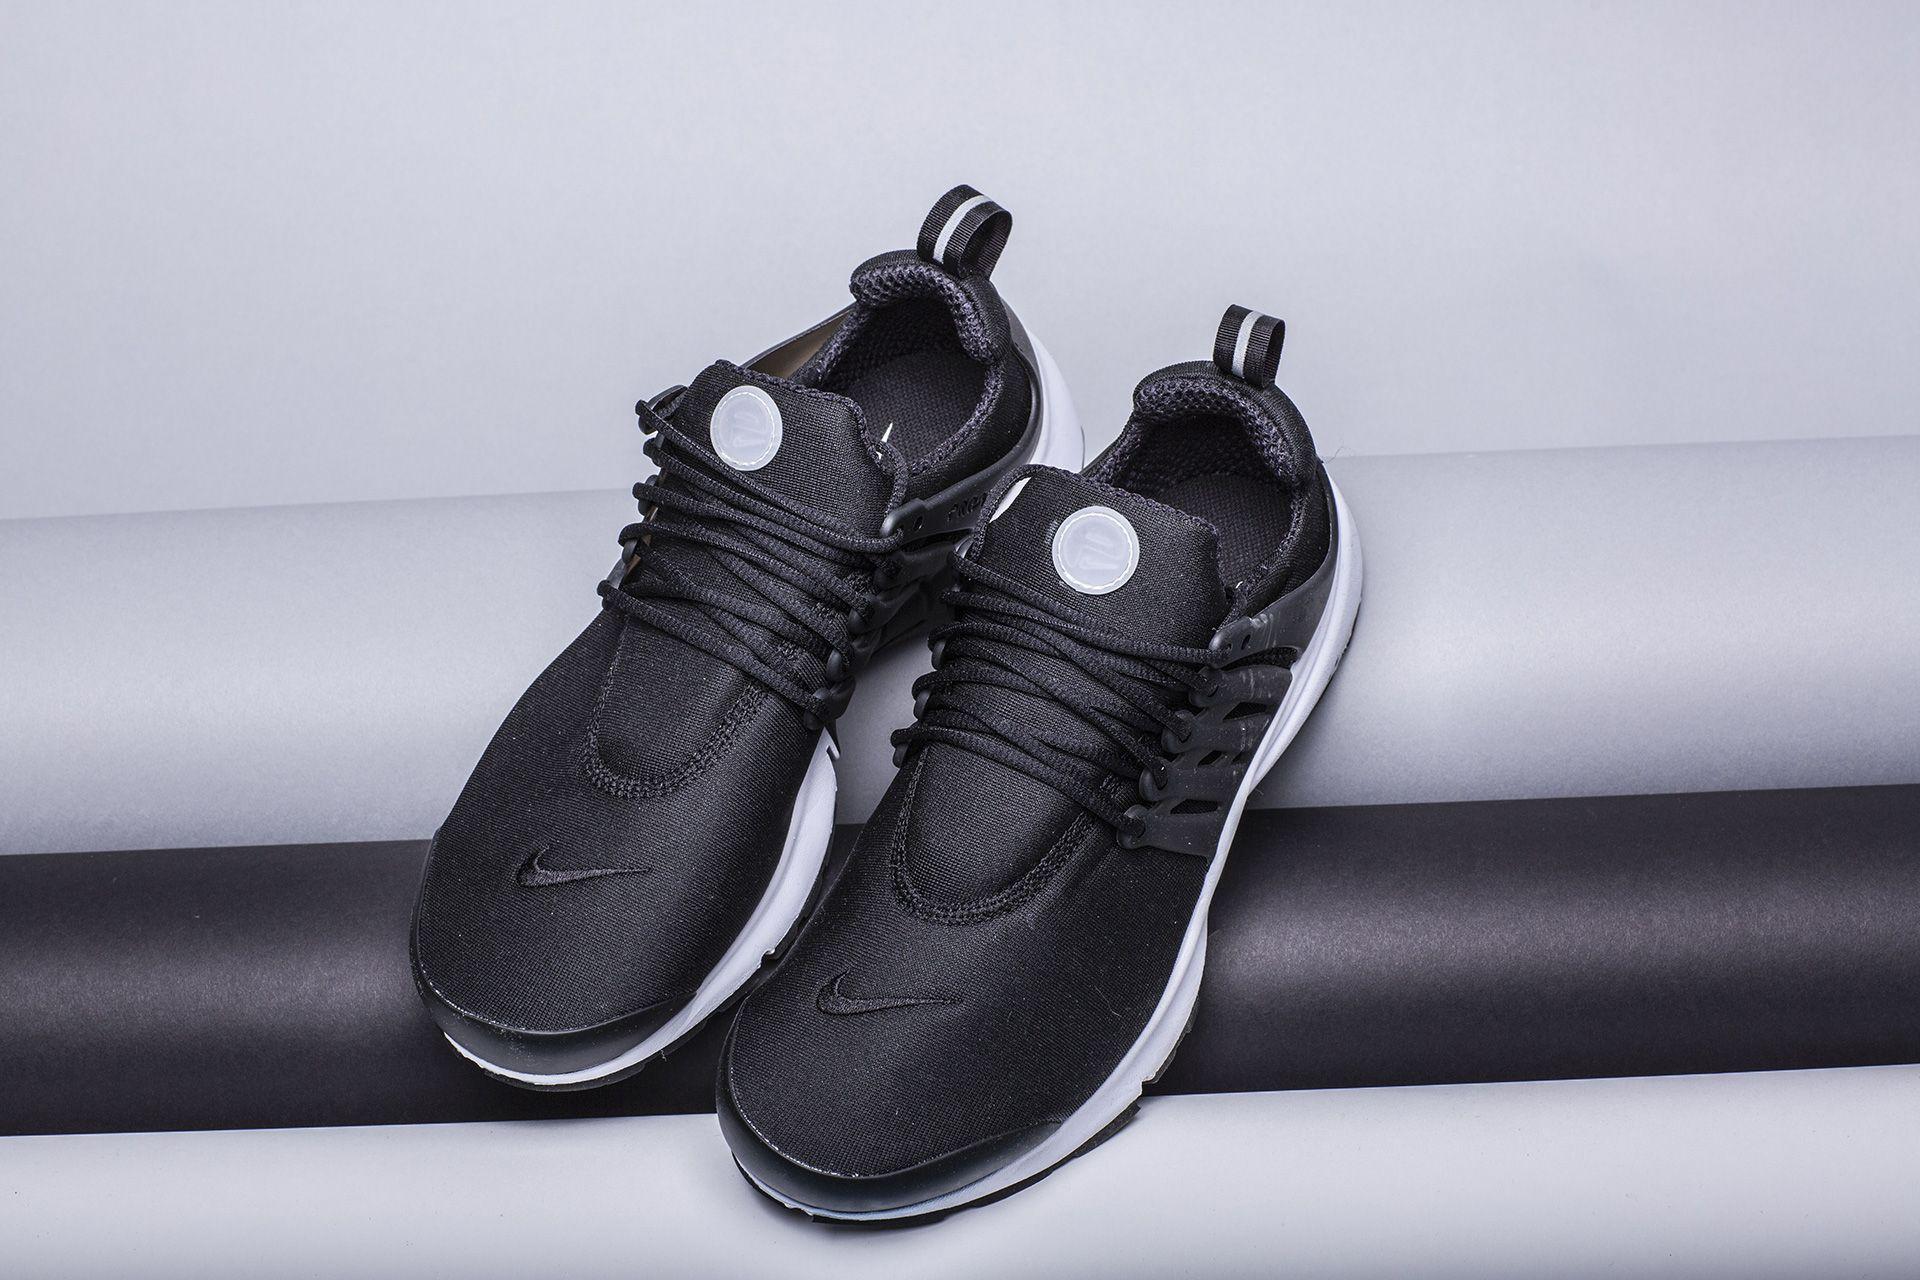 be070cc0 ... Купить мужские чёрные кроссовки Nike Air Presto Essential - фото 2  картинки ...